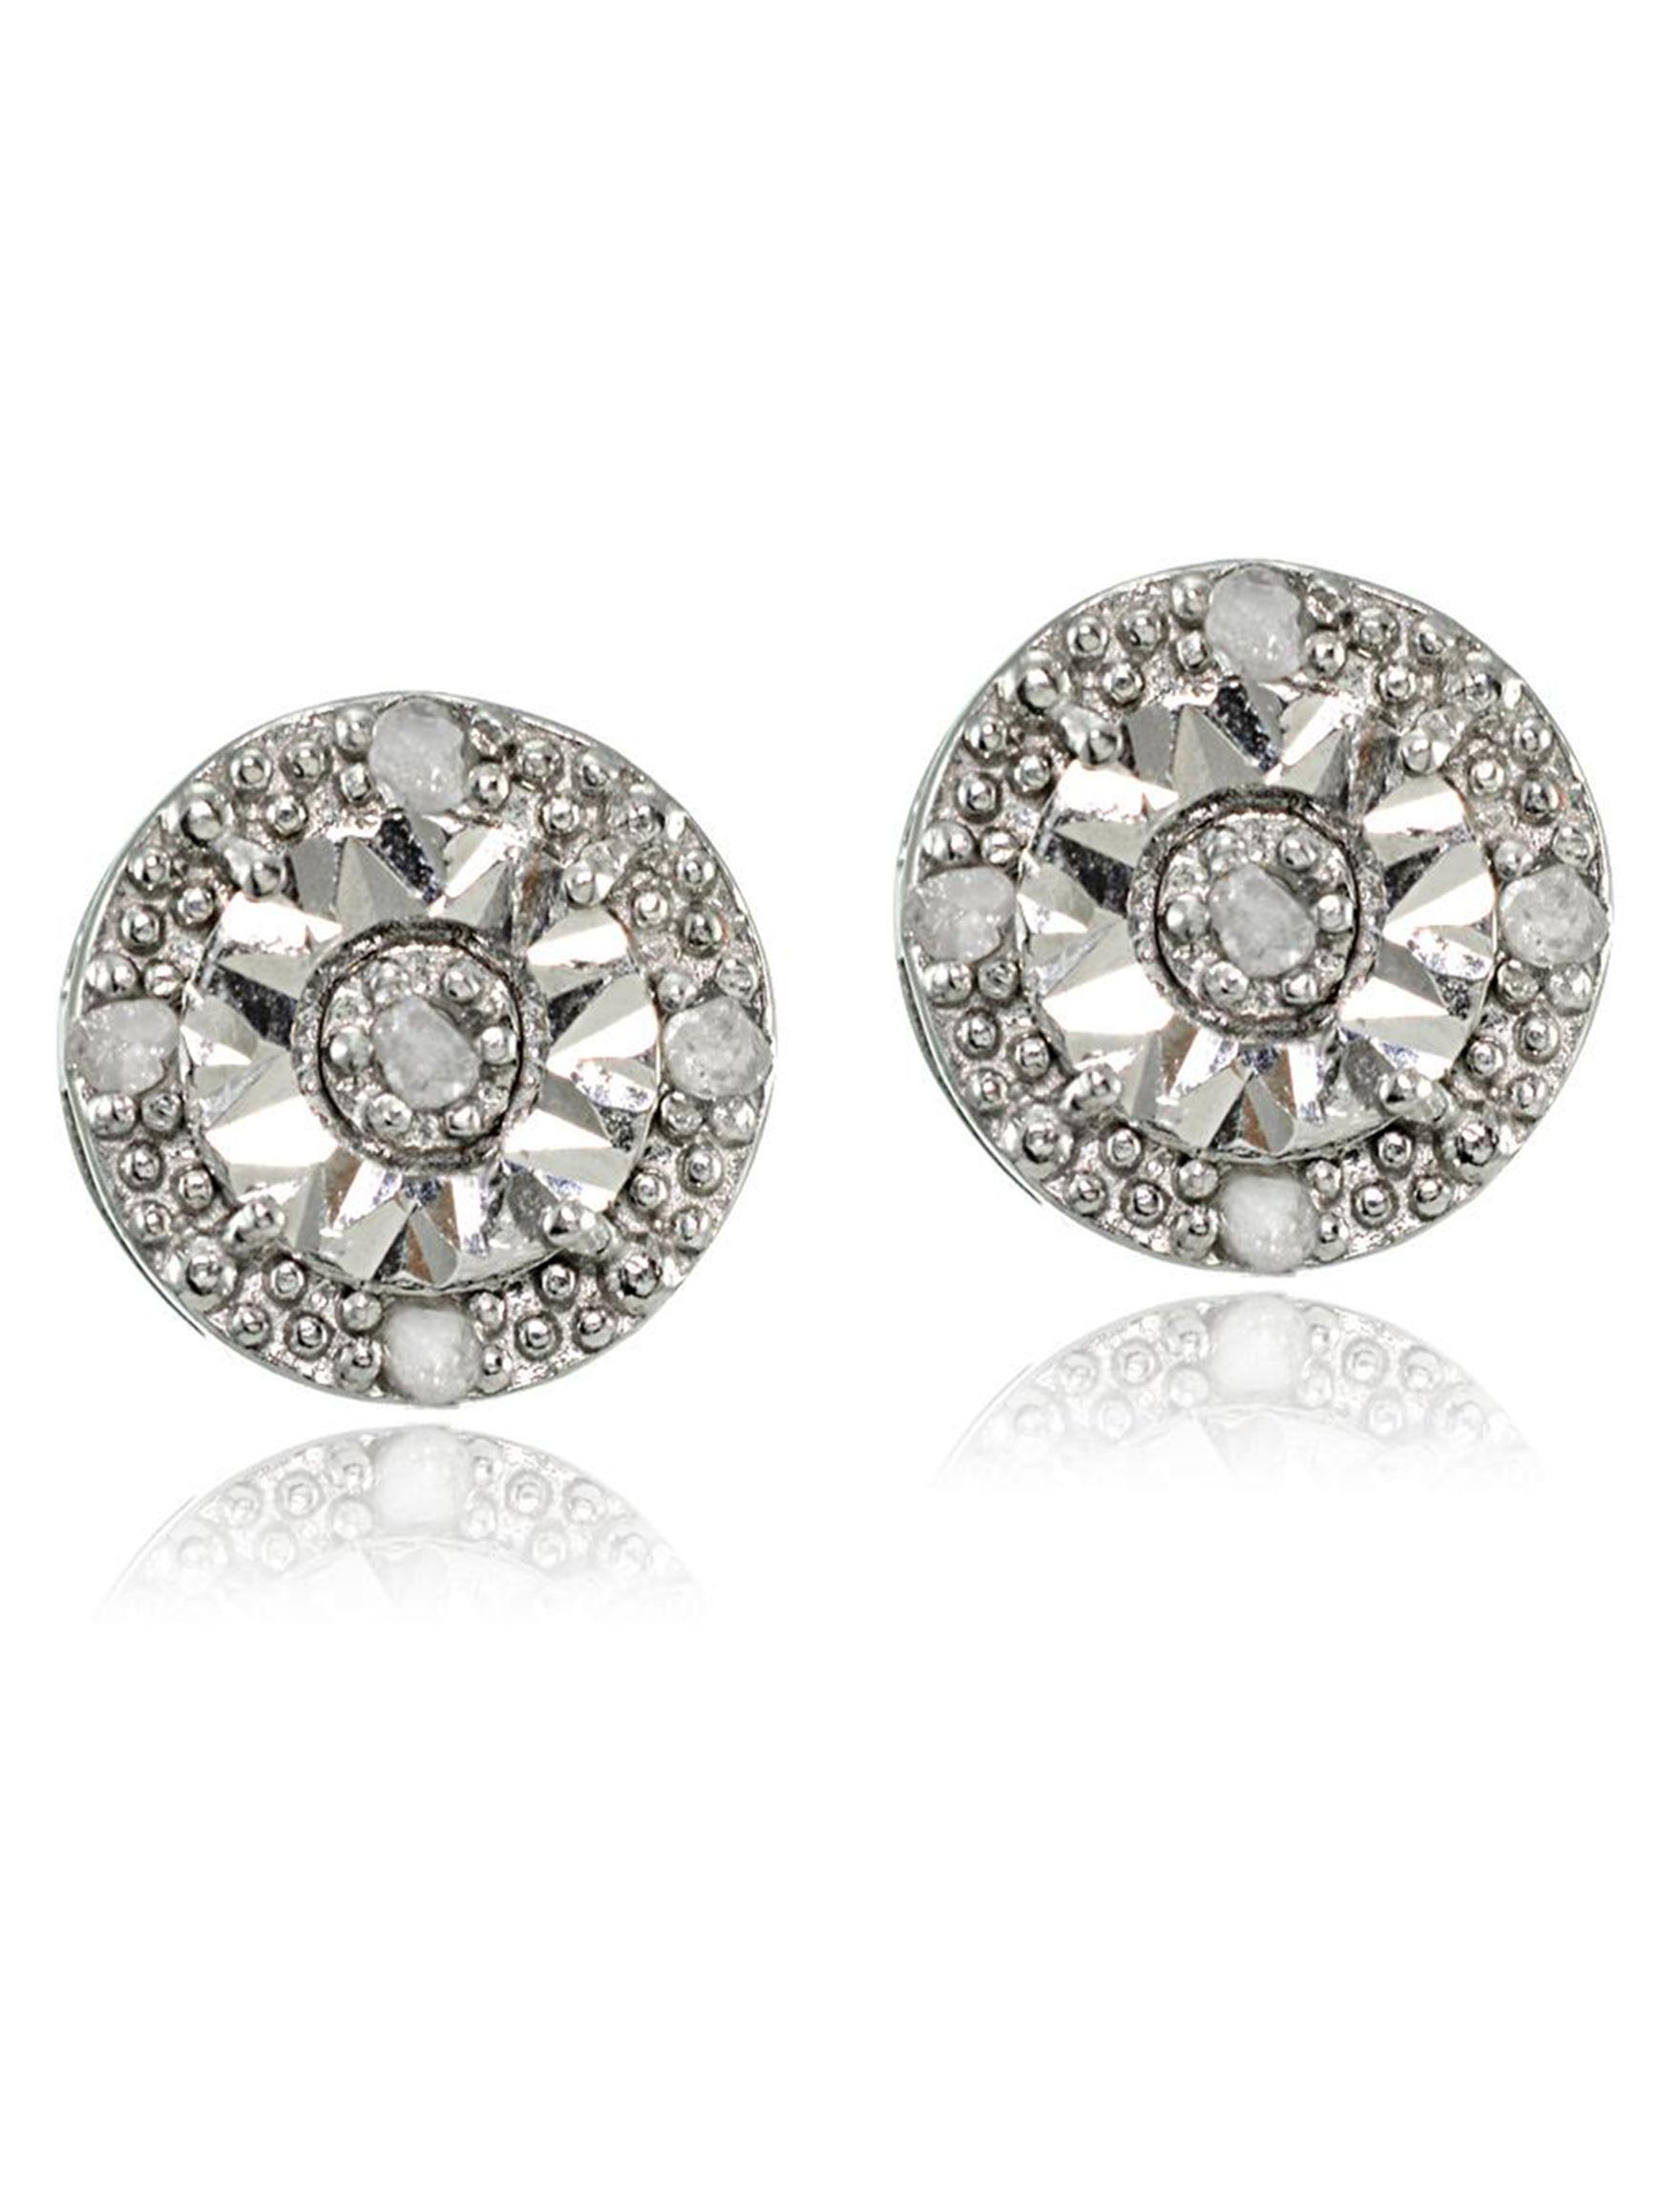 FMC Silver Studs Earrings Fine Jewelry